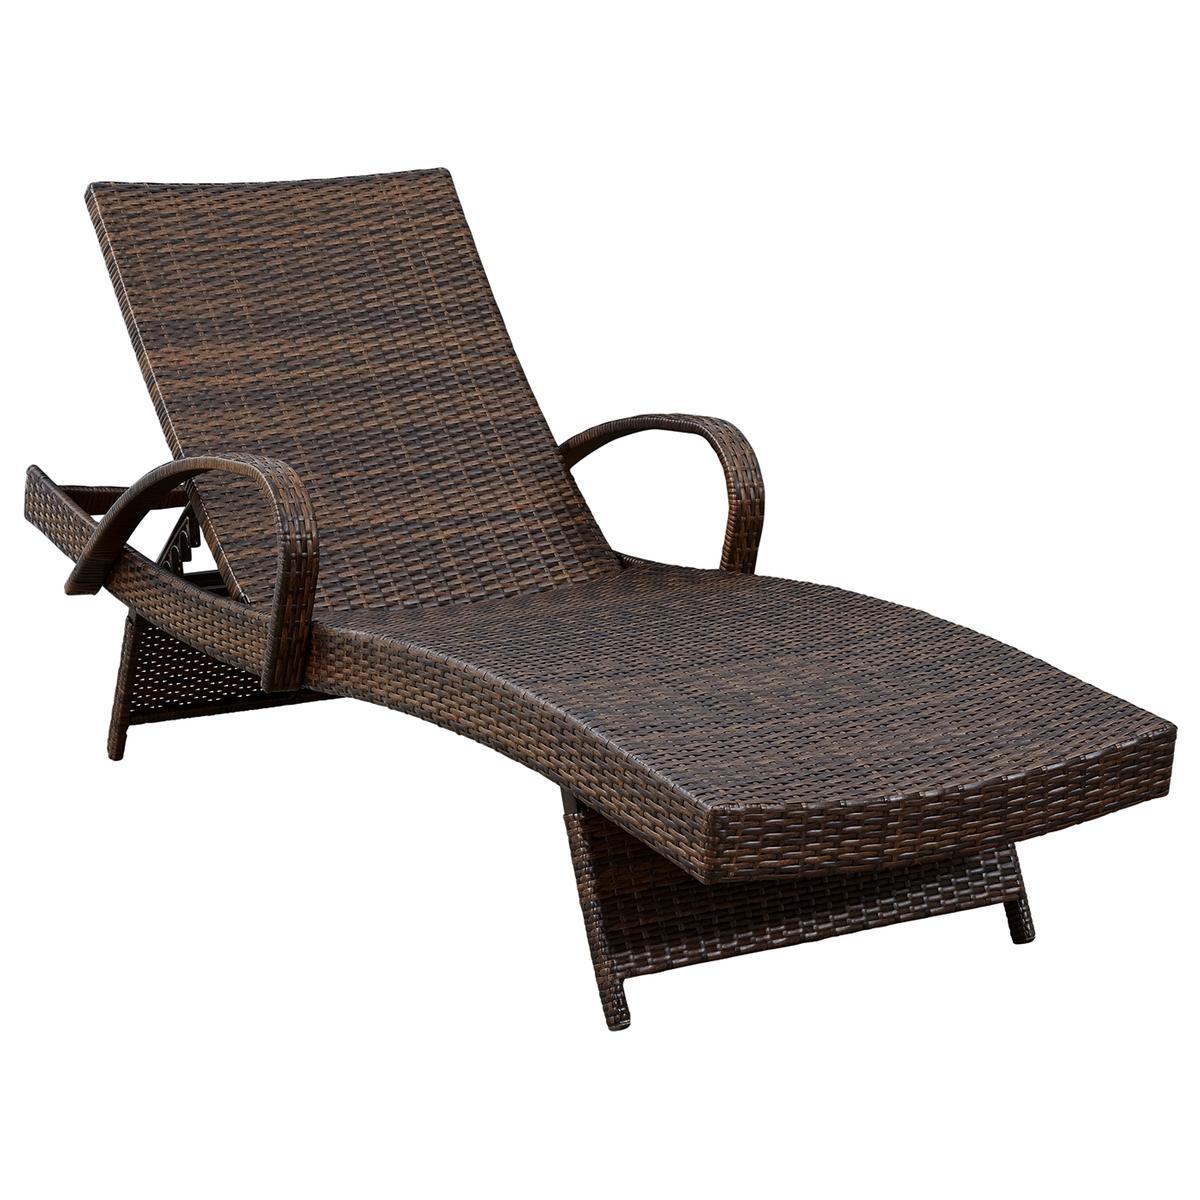 Kantana Chaise Lounge